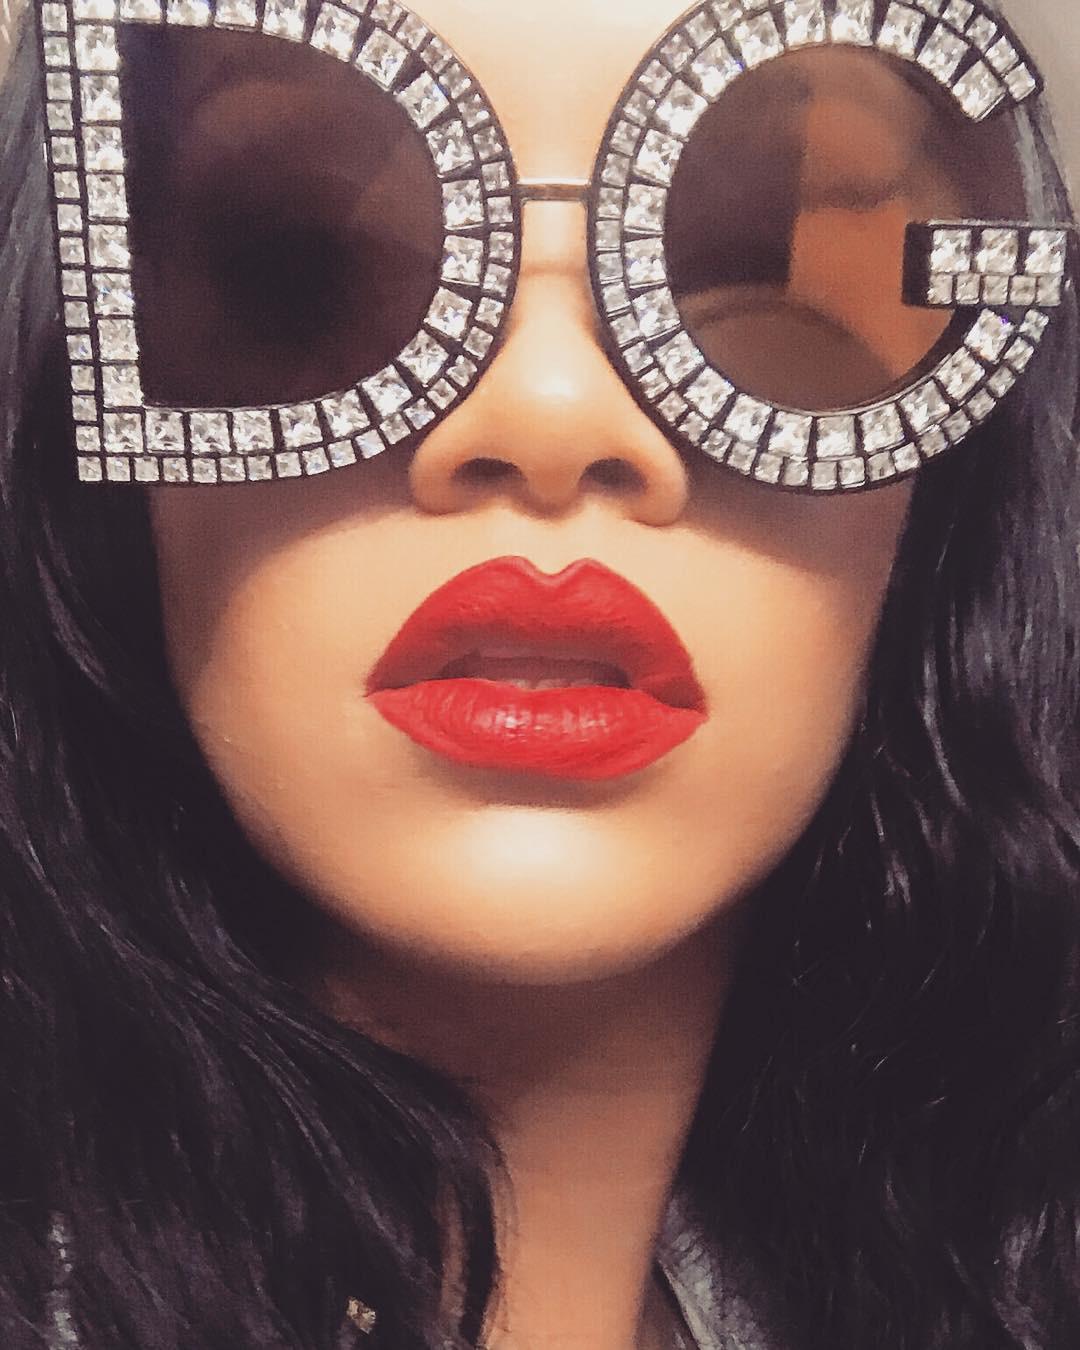 Rihanna chuẩn bị ra mắt màu son đỏ hợp với mọi tông da và quay hẳn clip dạy tô son xem là mê - Ảnh 4.